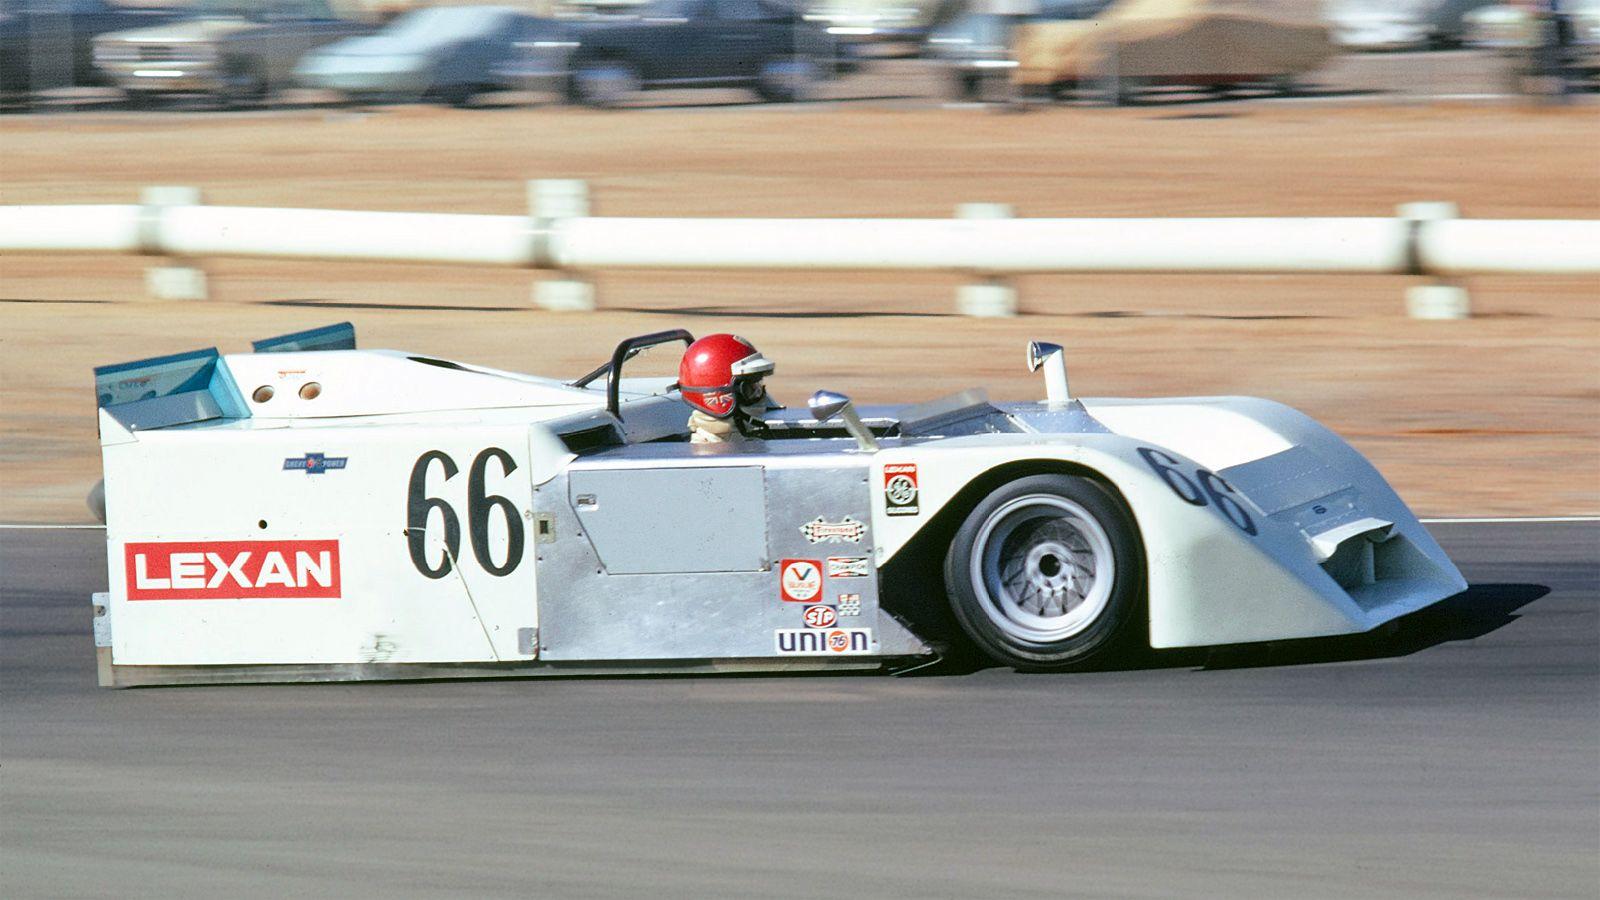 Vic Elford i den sensasjonelle Chaparral 2J, som forbløffet en hel racingverden i 1970.